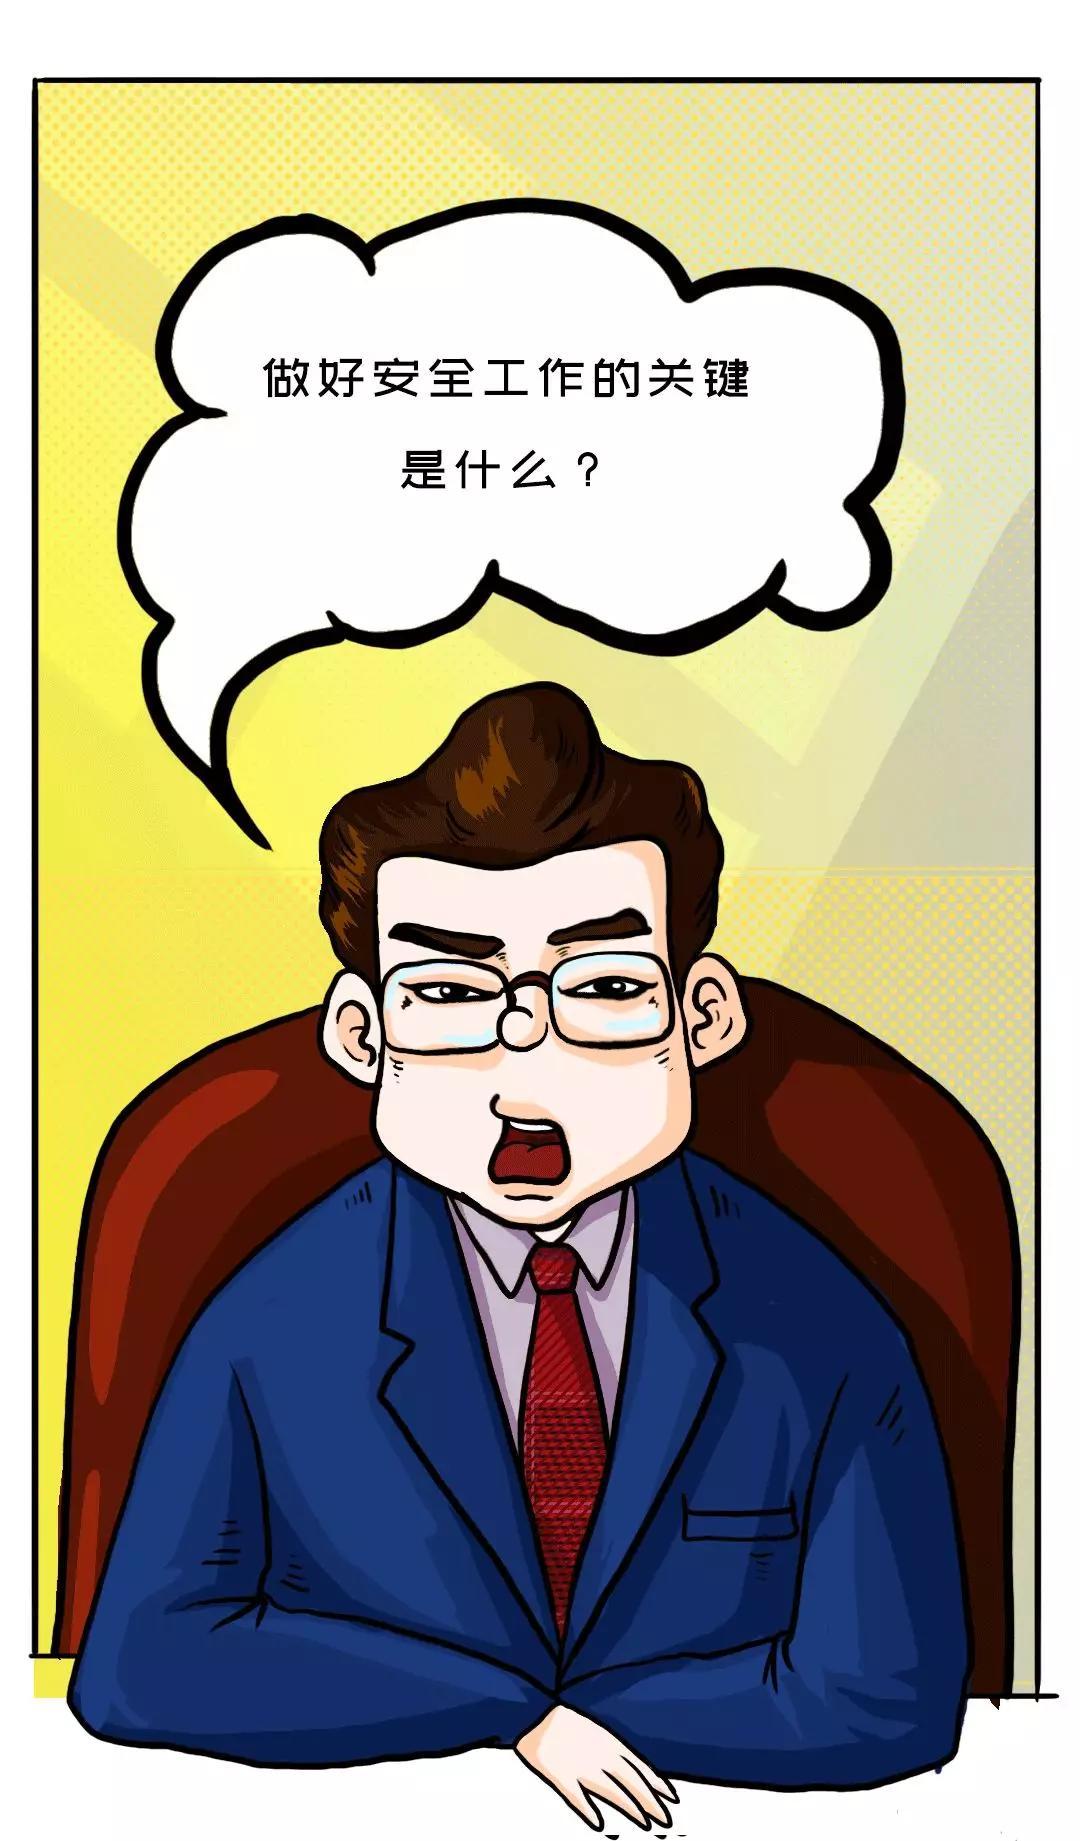 动漫 卡通 漫画 头像 1080_1841 竖版 竖屏